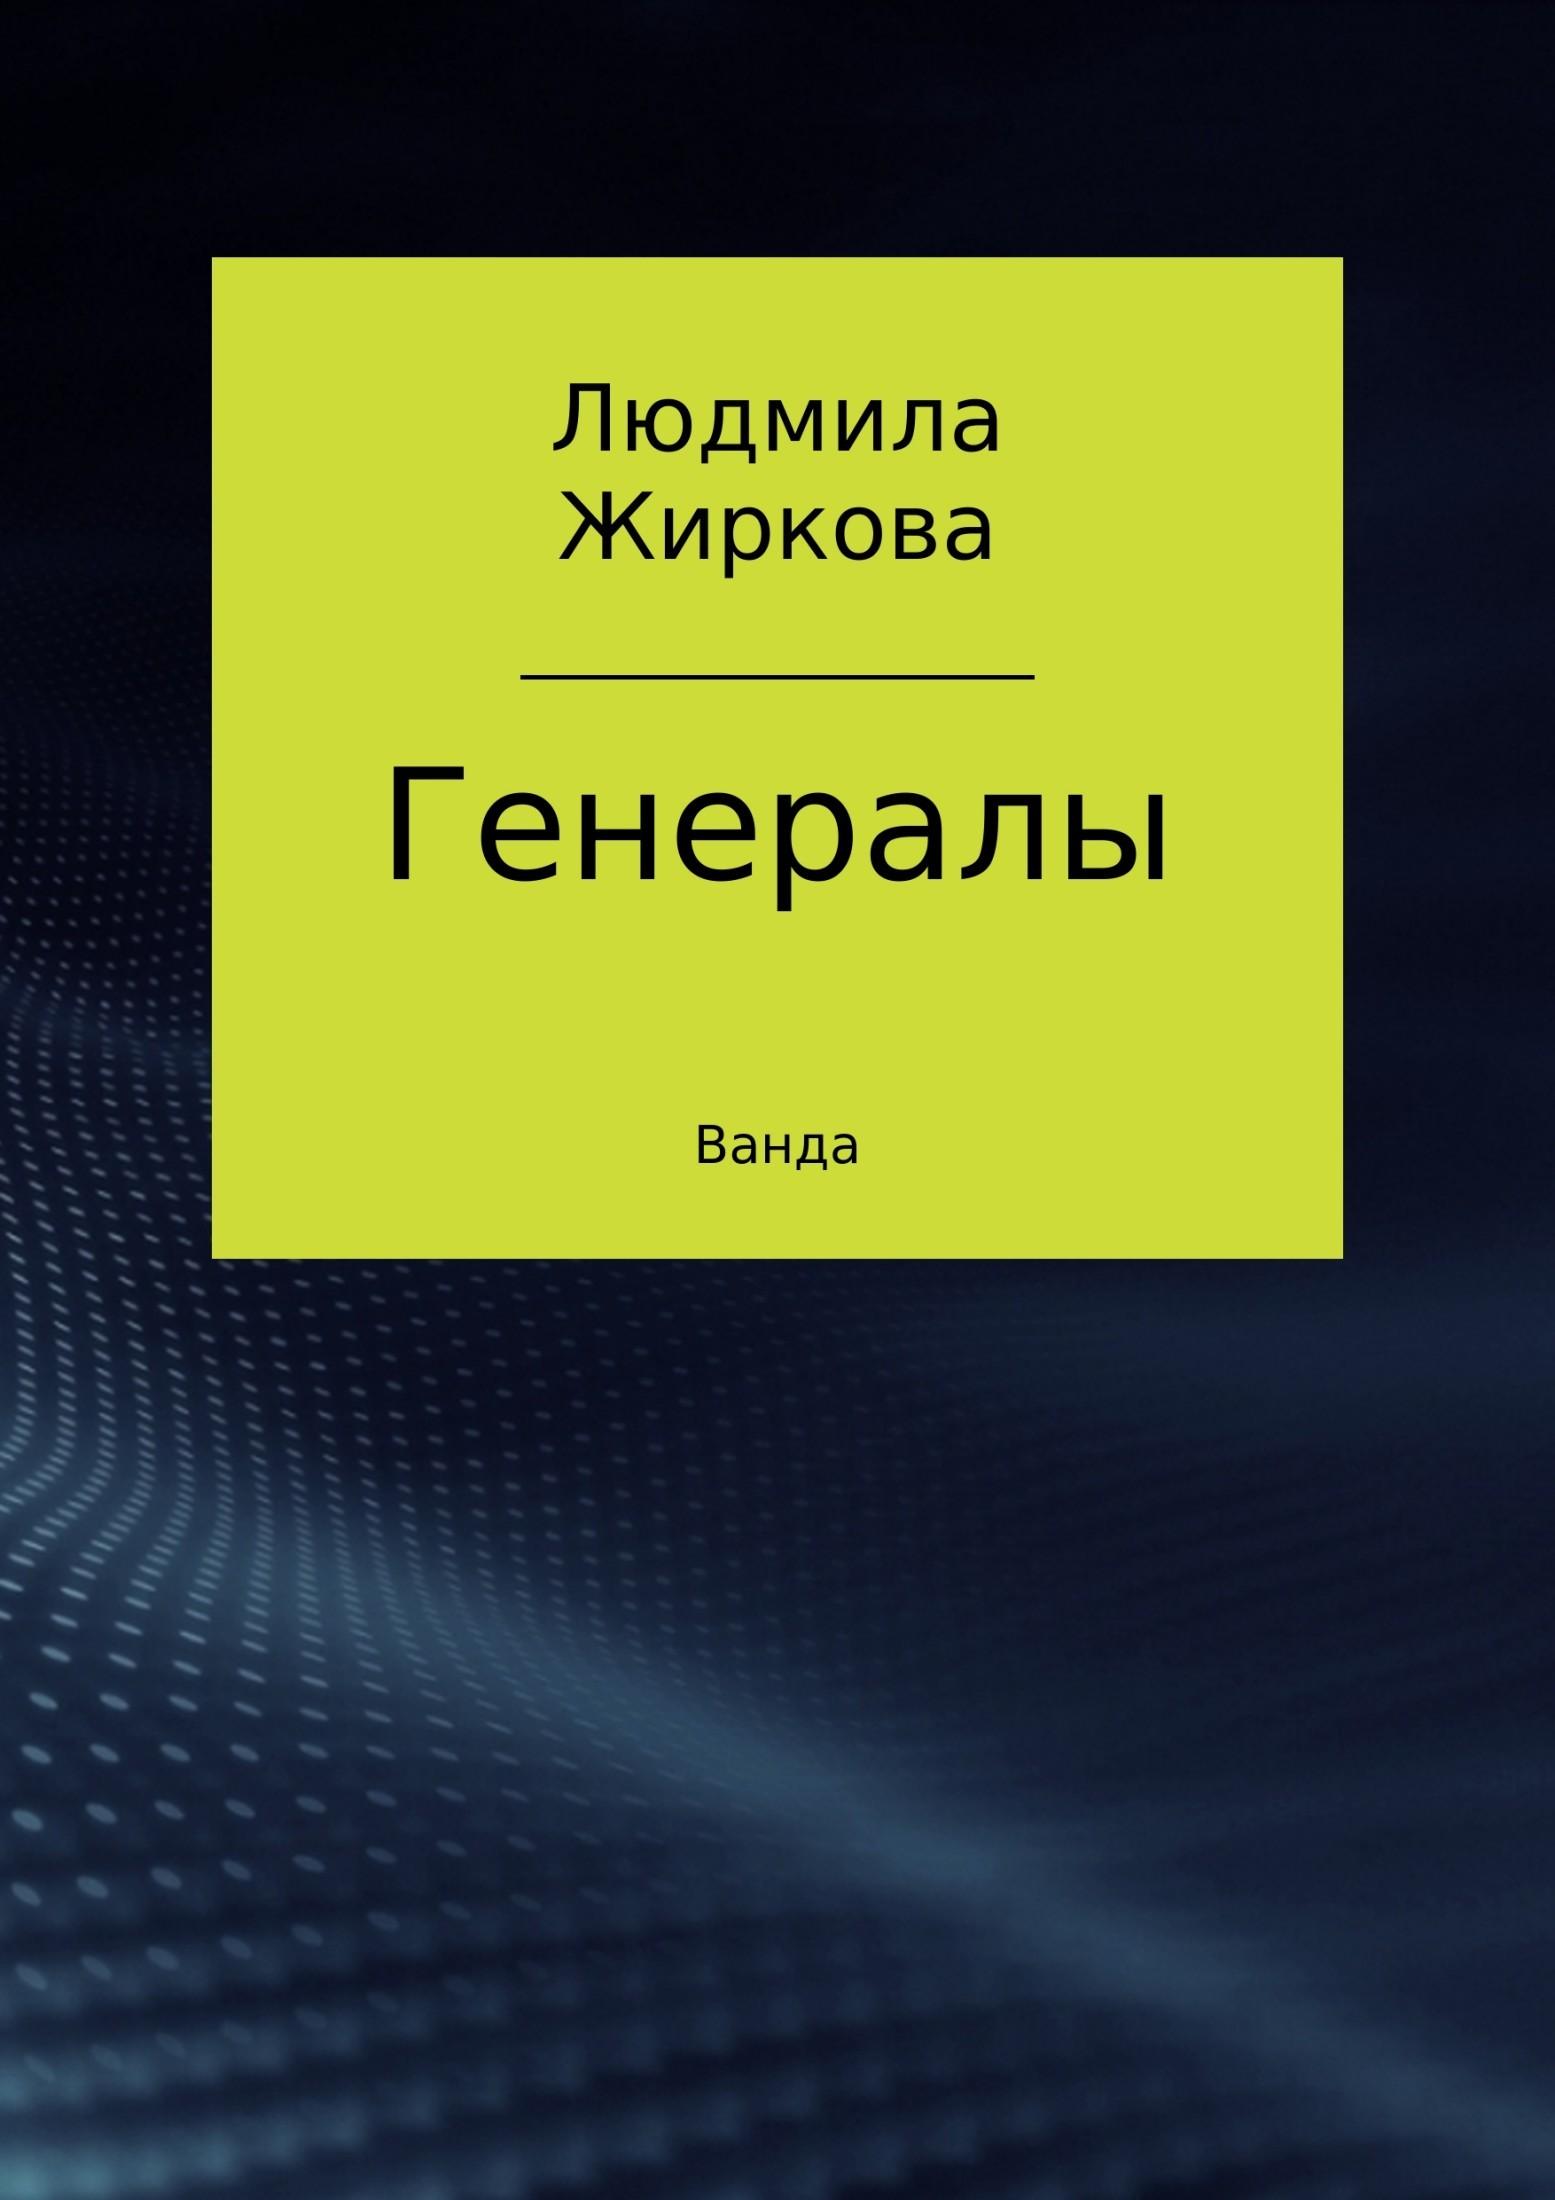 Людмила Жиркова - Генералы